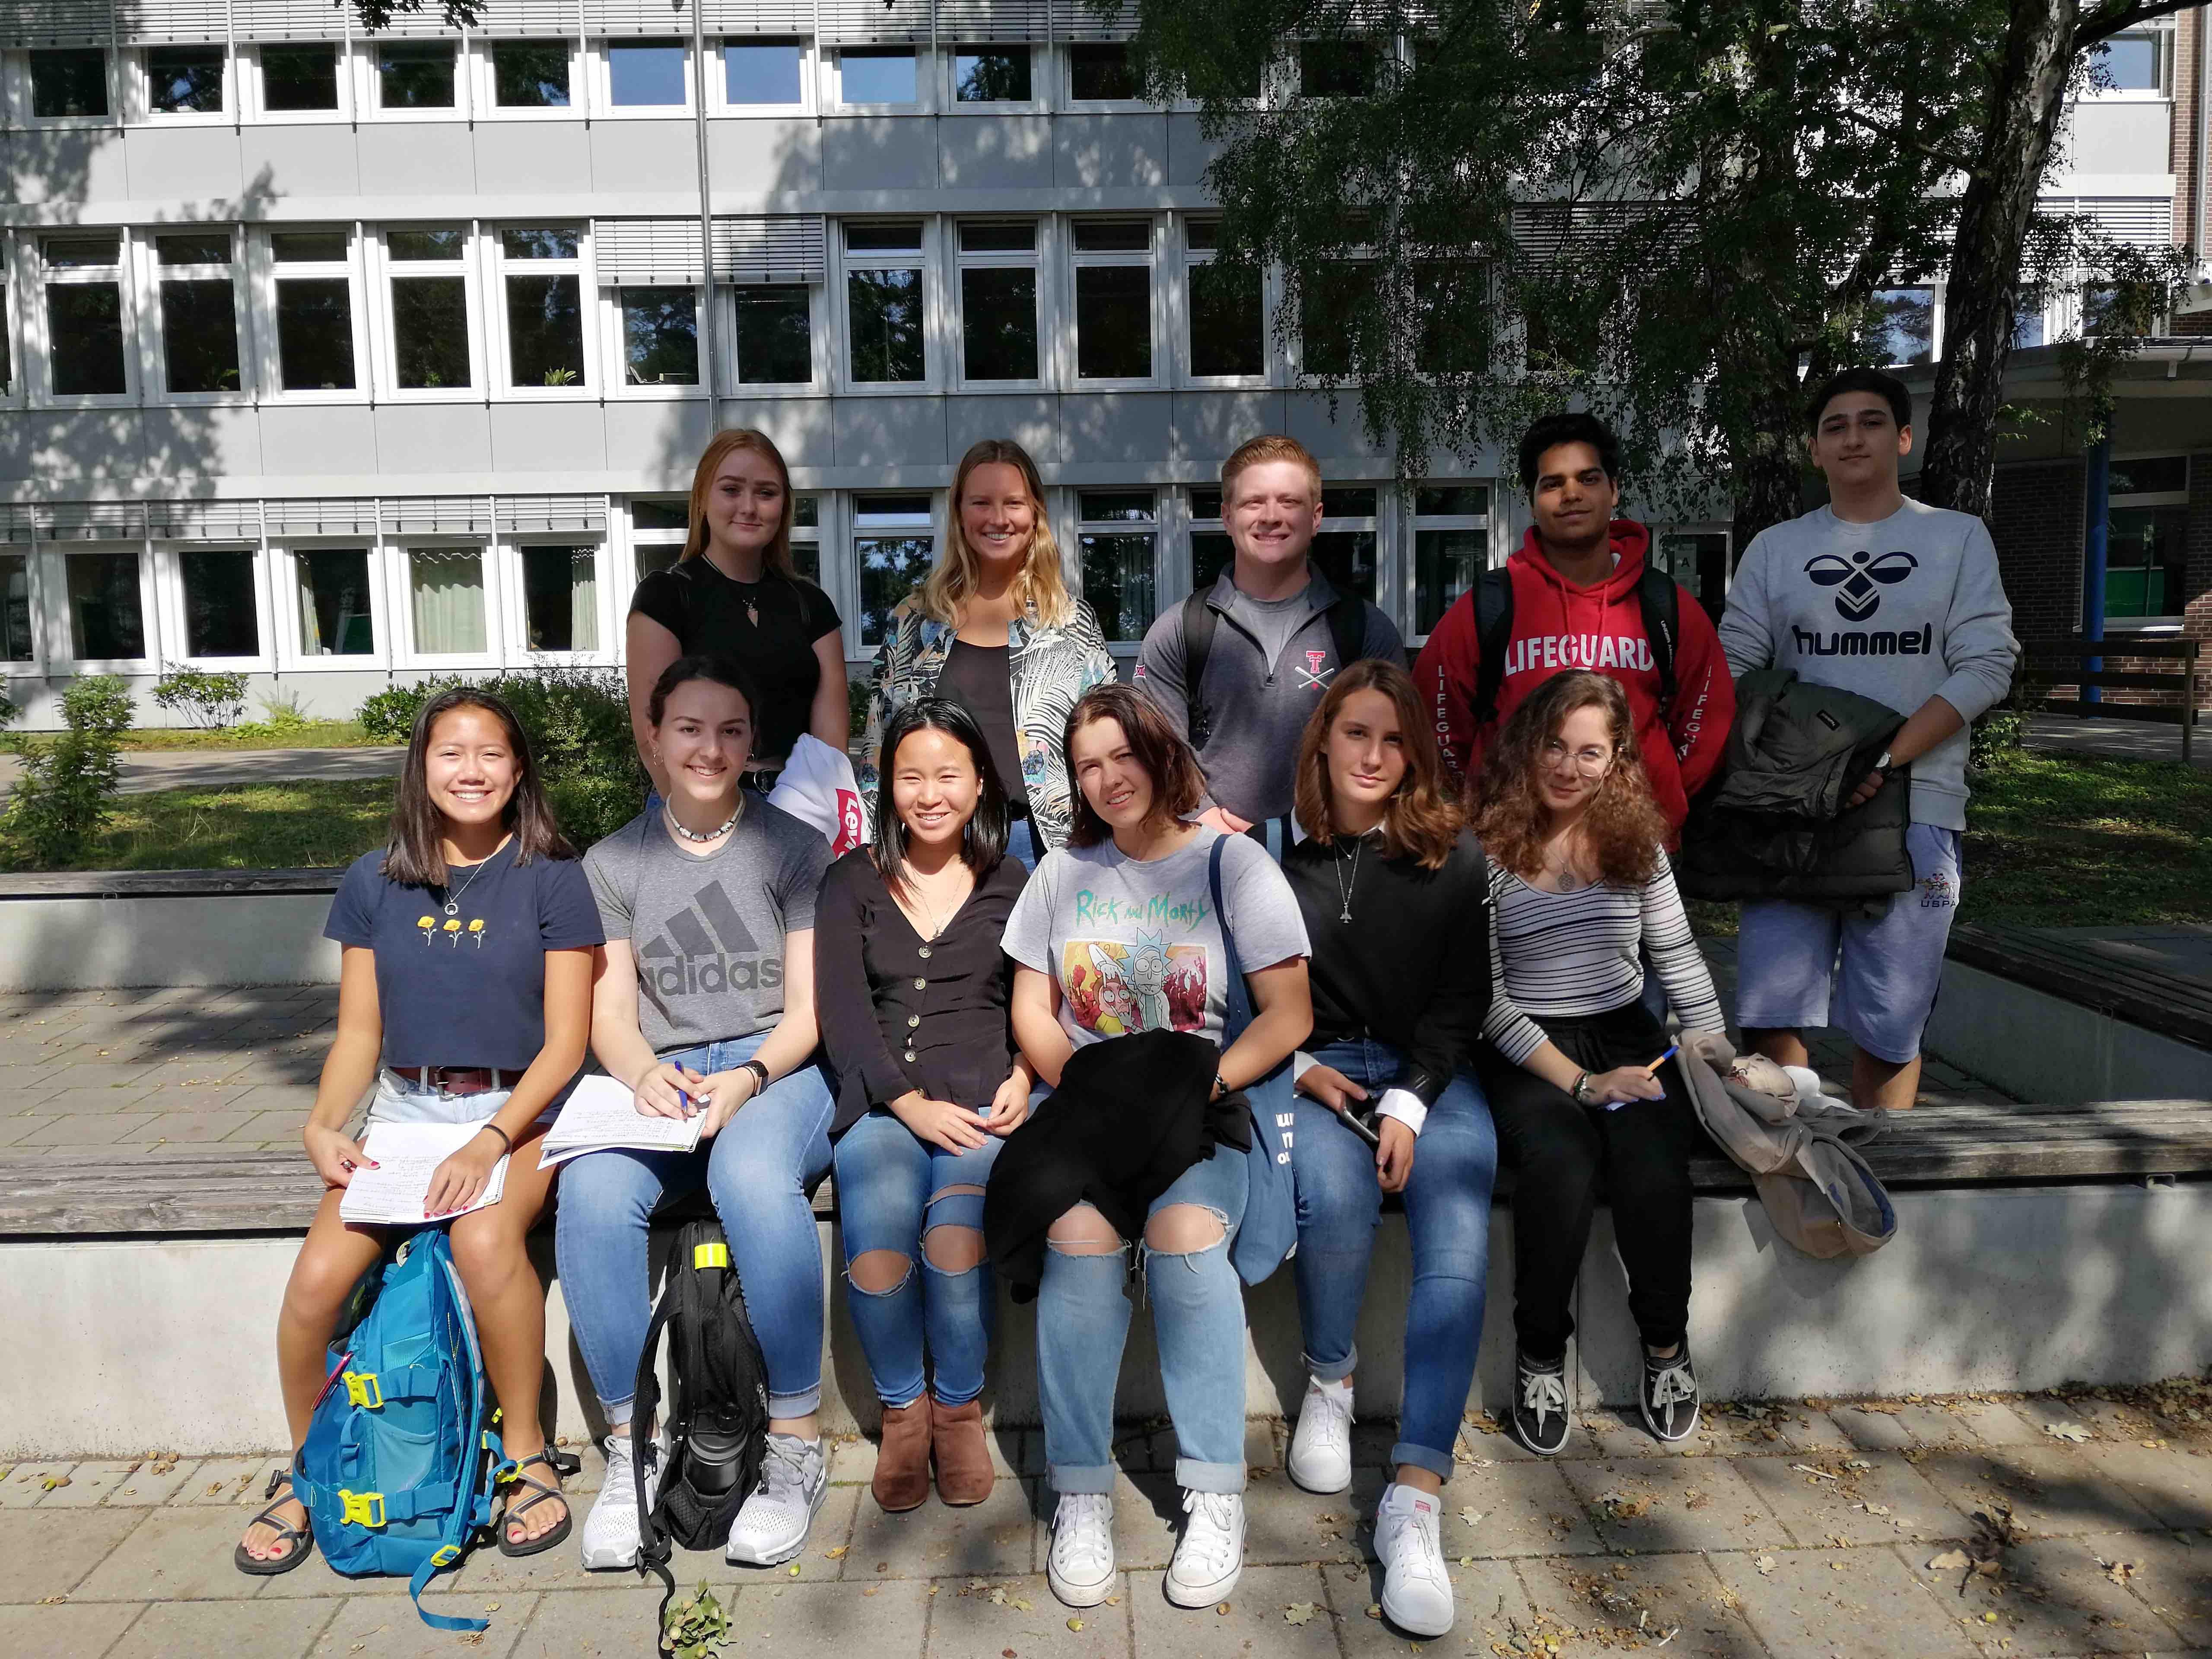 Gelungene Begegnung im Rahmen eines internationalen Schüleraustauschs